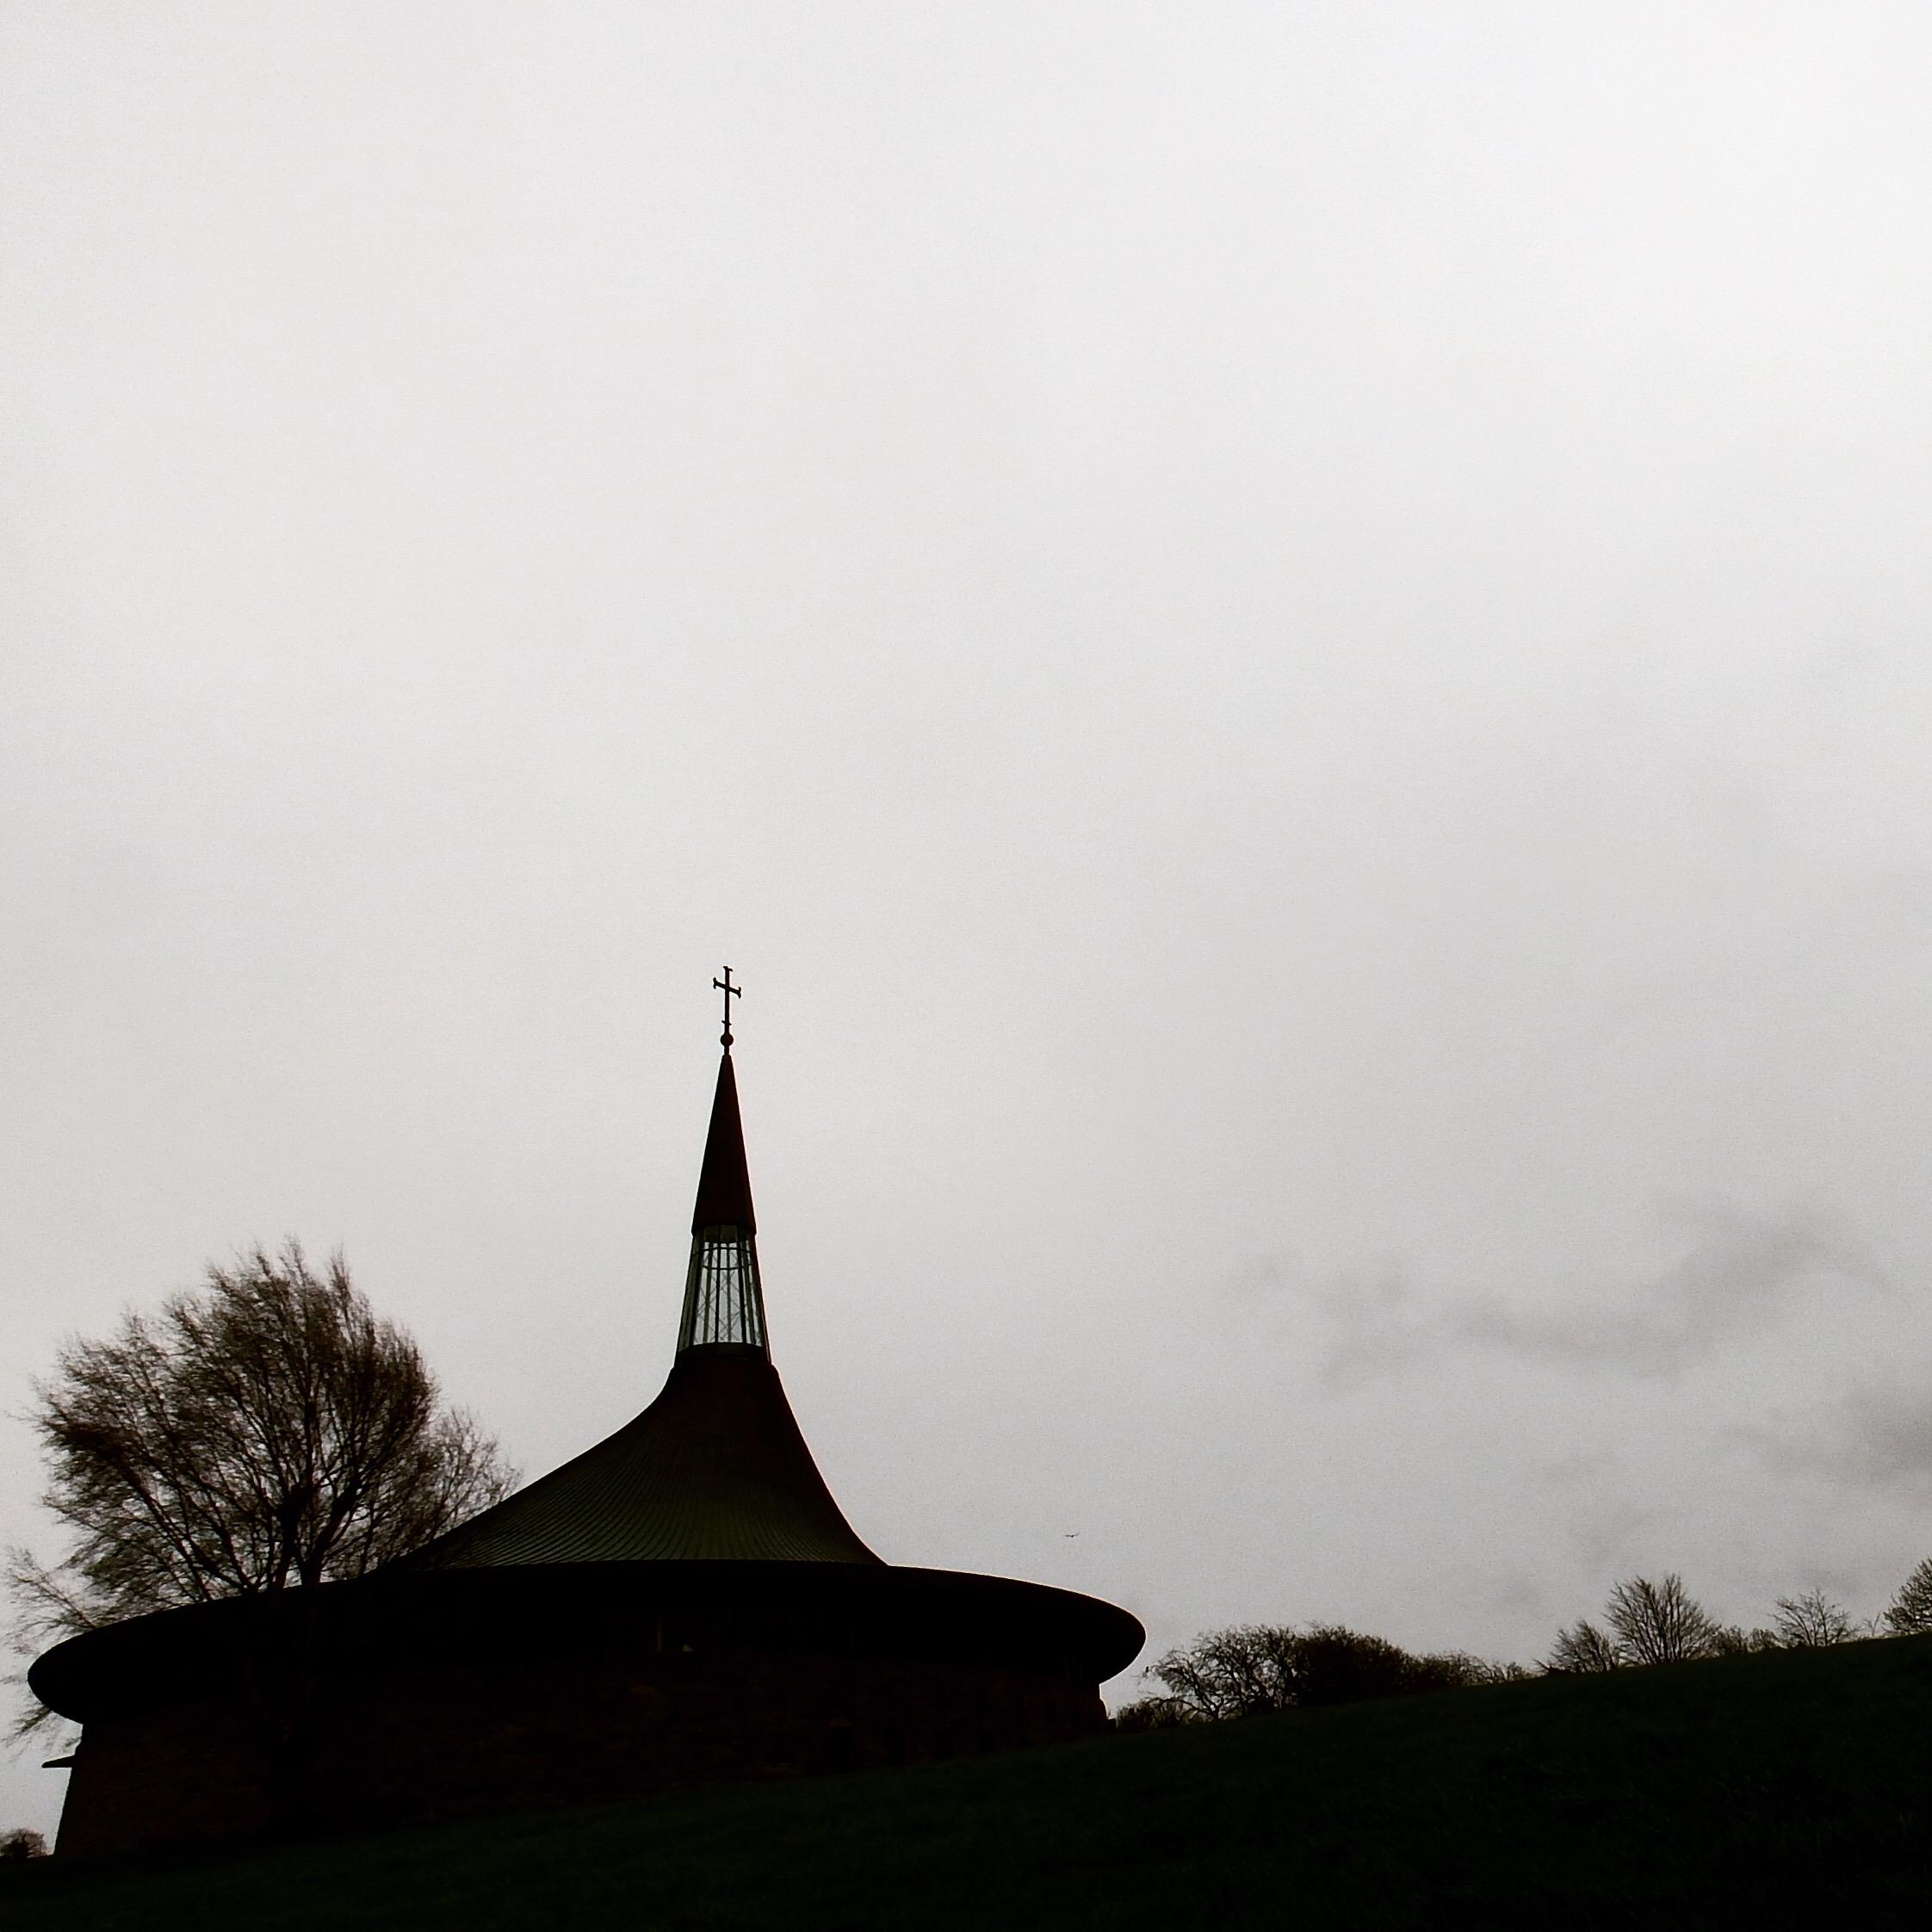 St Aengus, Burt photographed March 2019 - built 1967